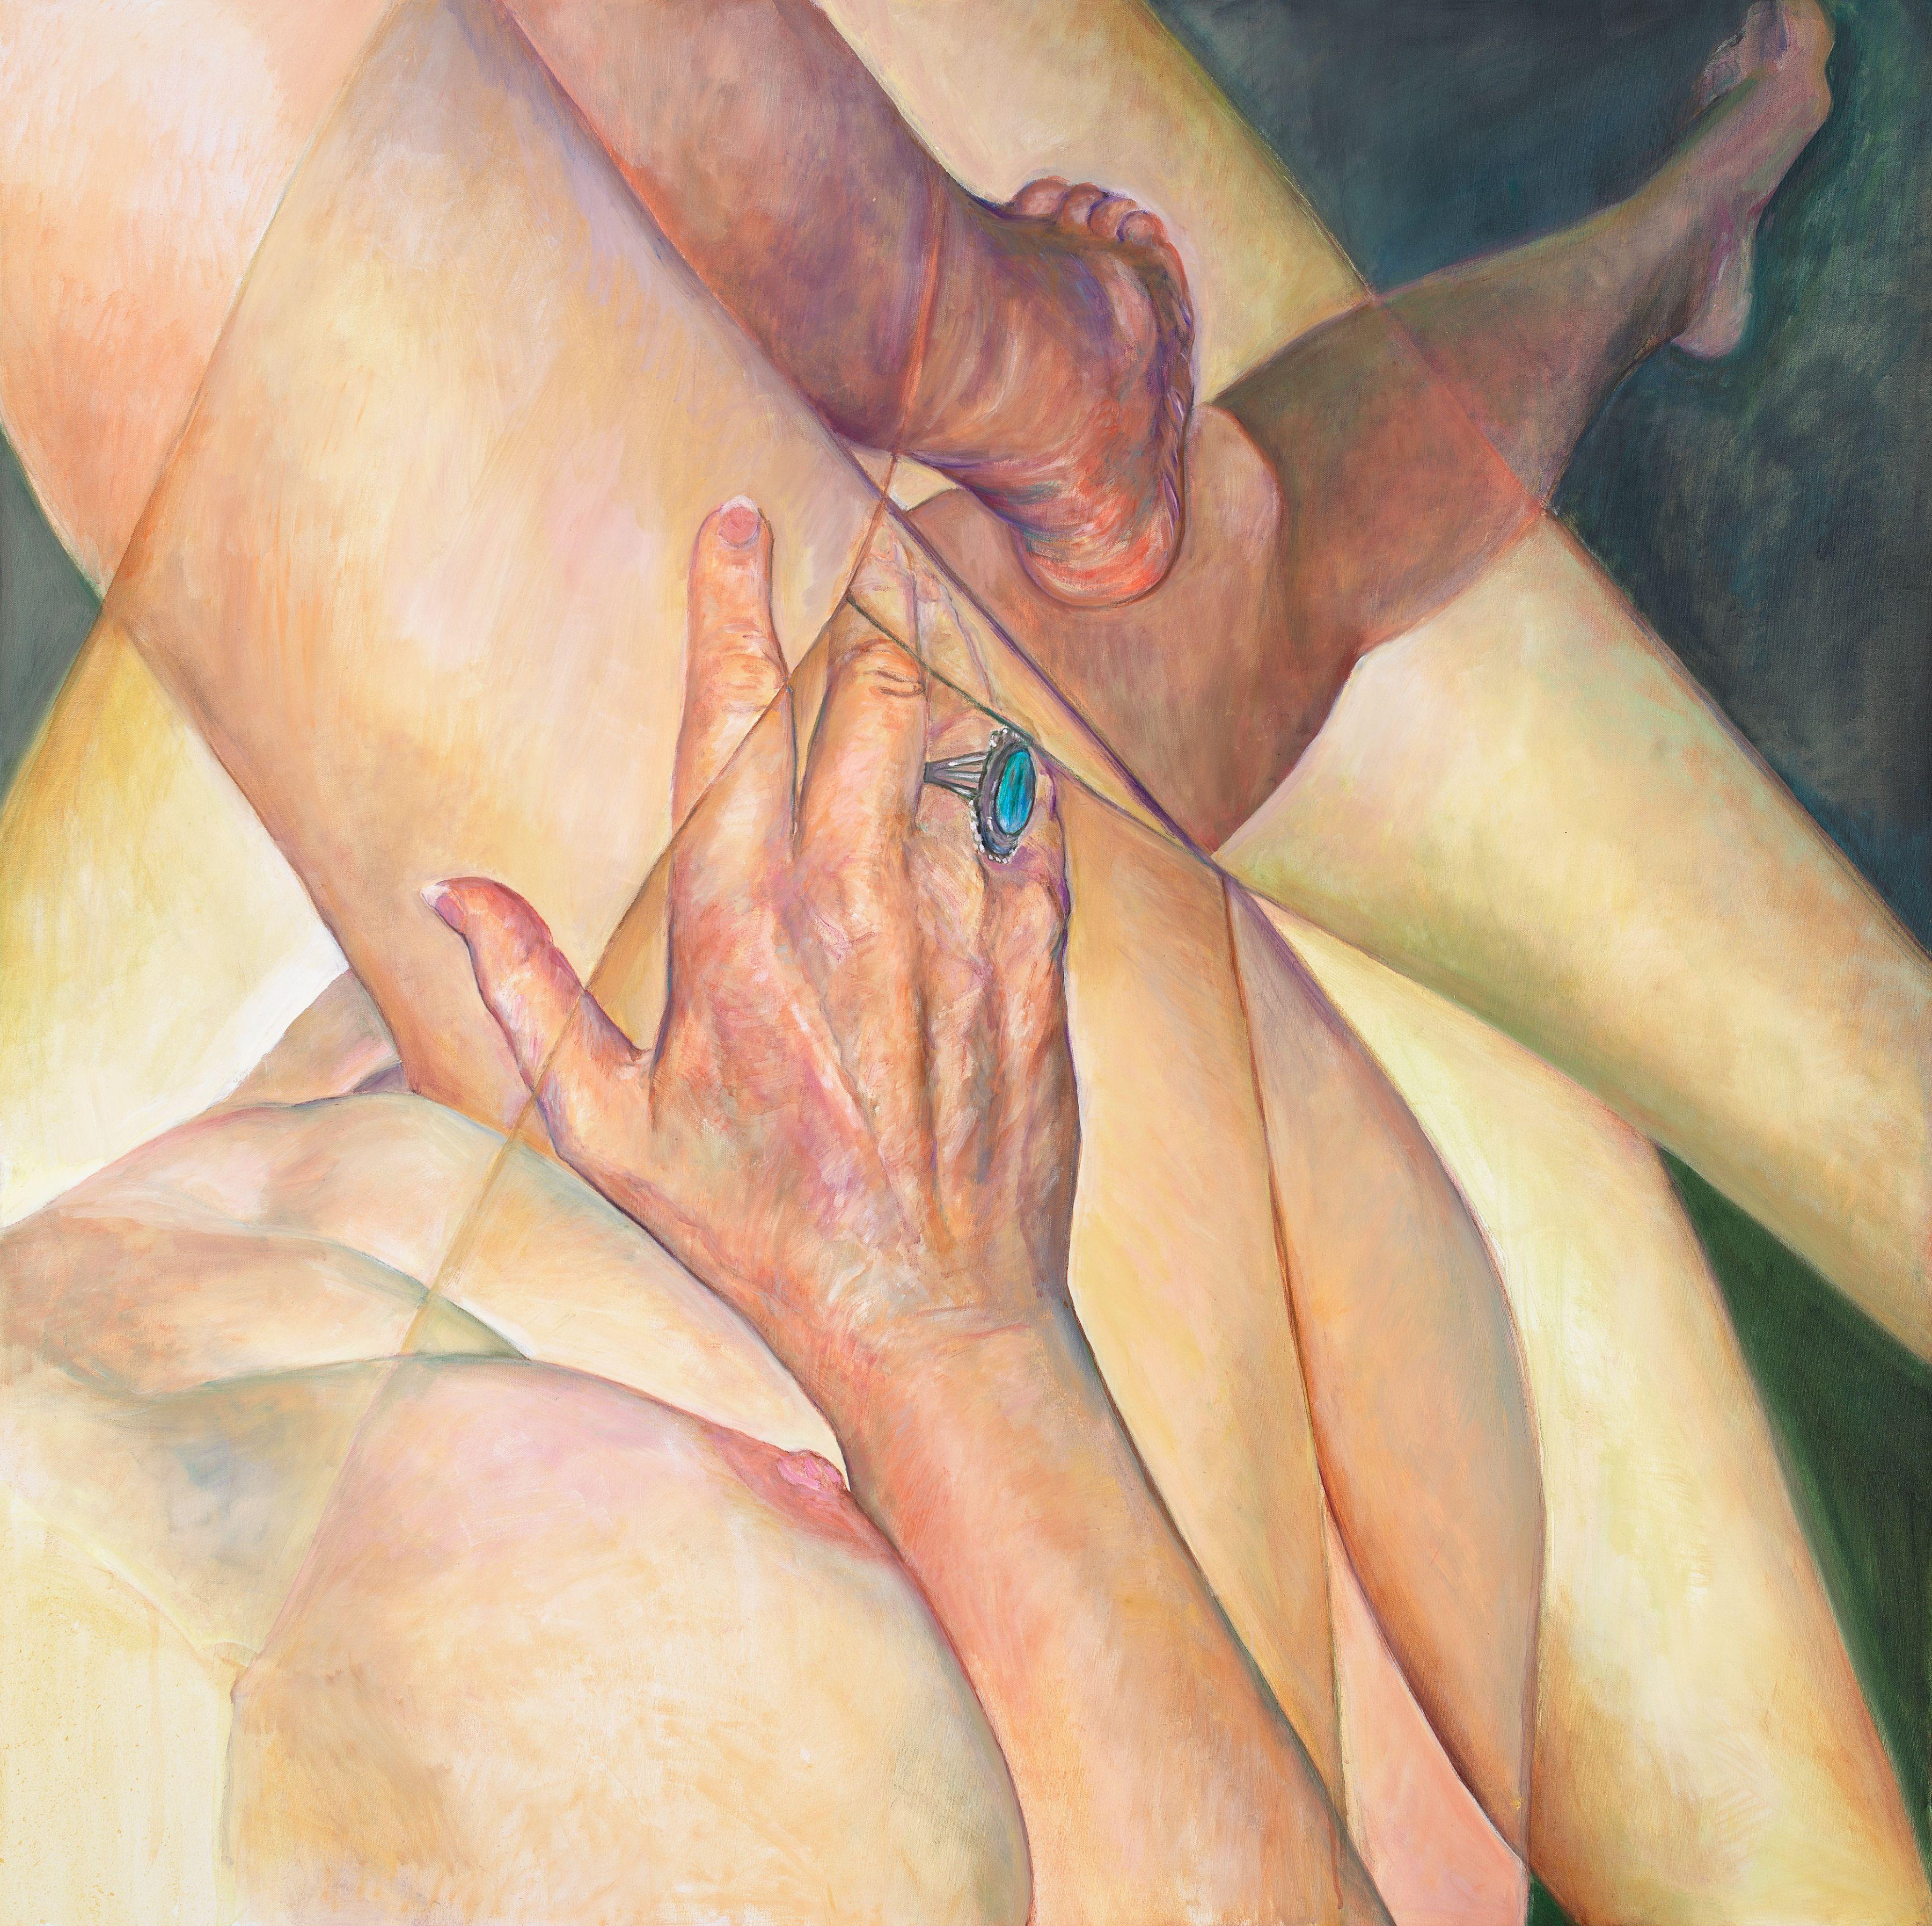 Crossed Legs, 2011, Oil on canvas